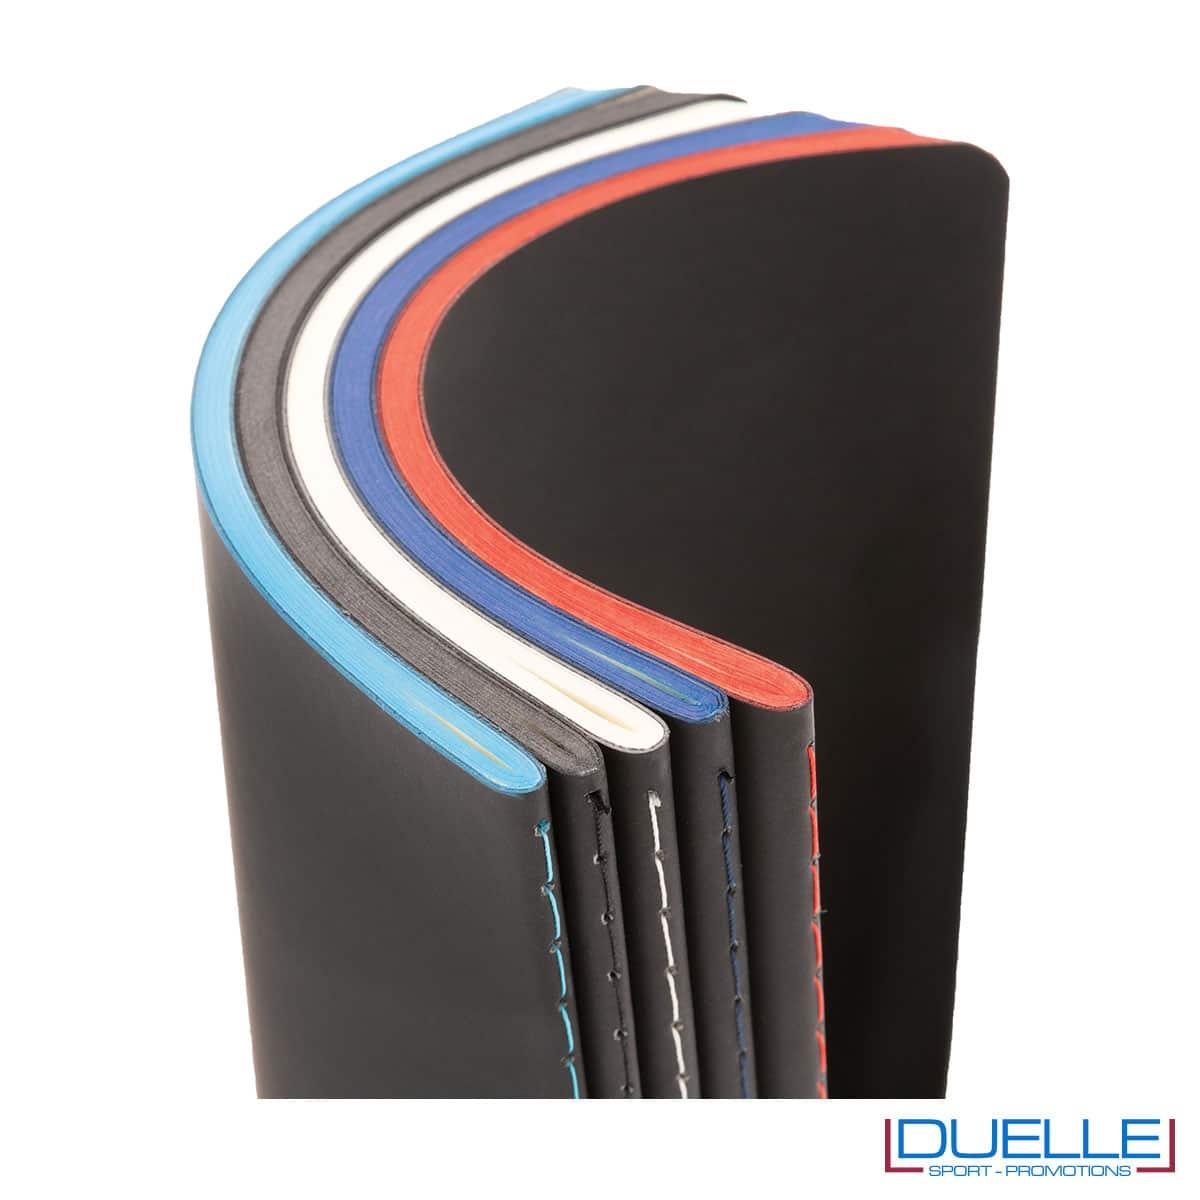 Blocchetti appunti con bordo colorato e con copertina flessibile